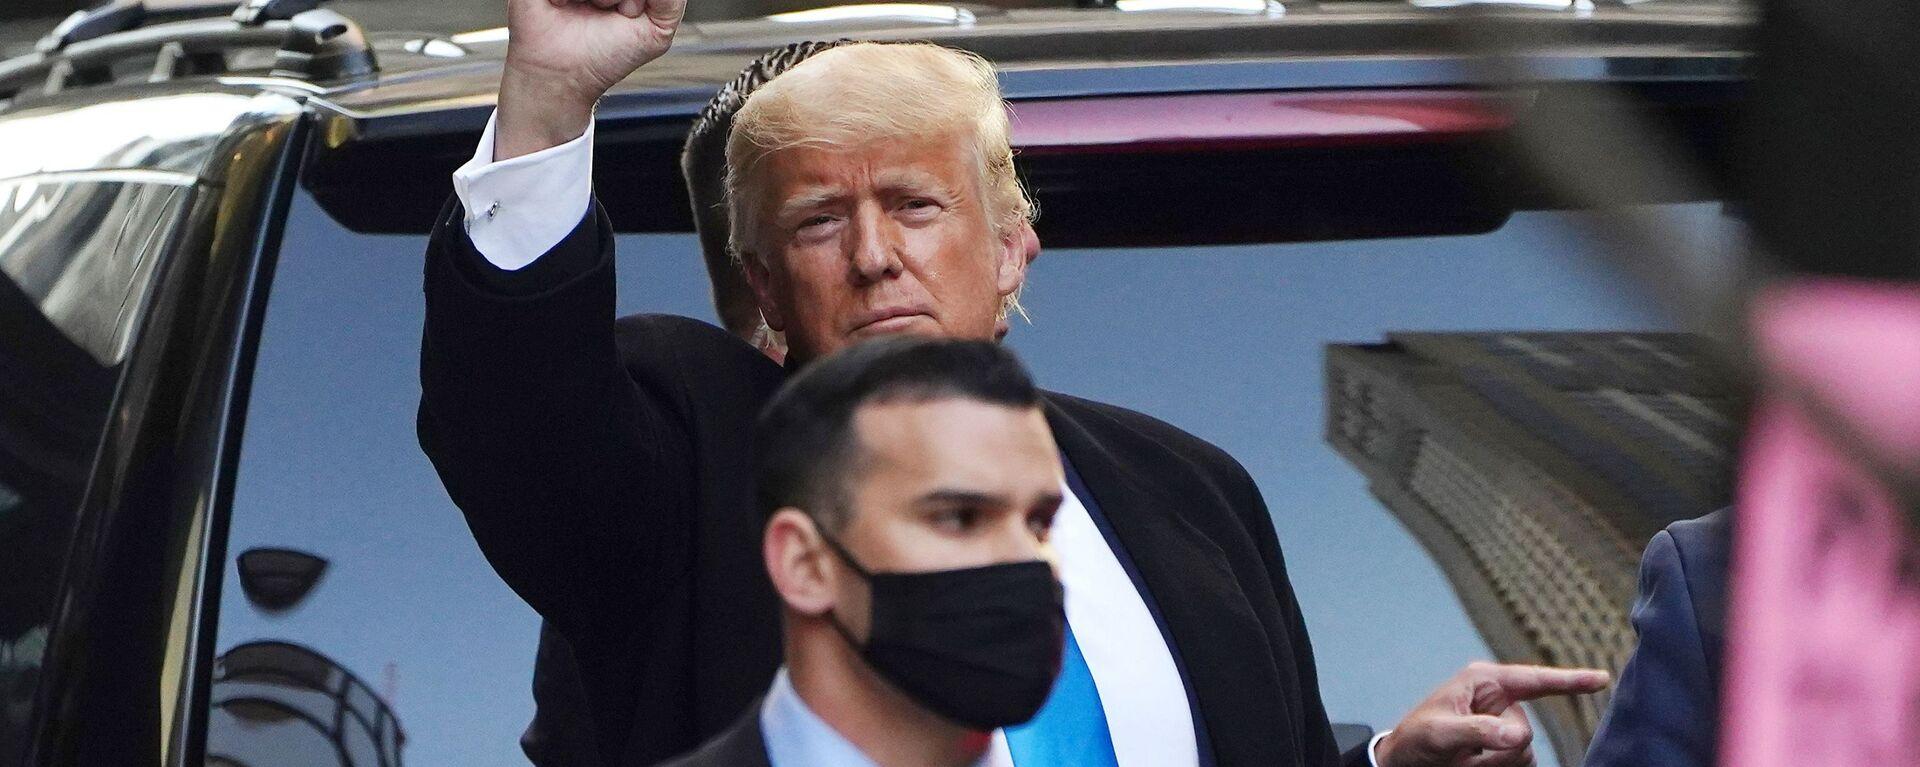 Bývalý prezident USA Donald Trump - Sputnik Česká republika, 1920, 21.09.2021